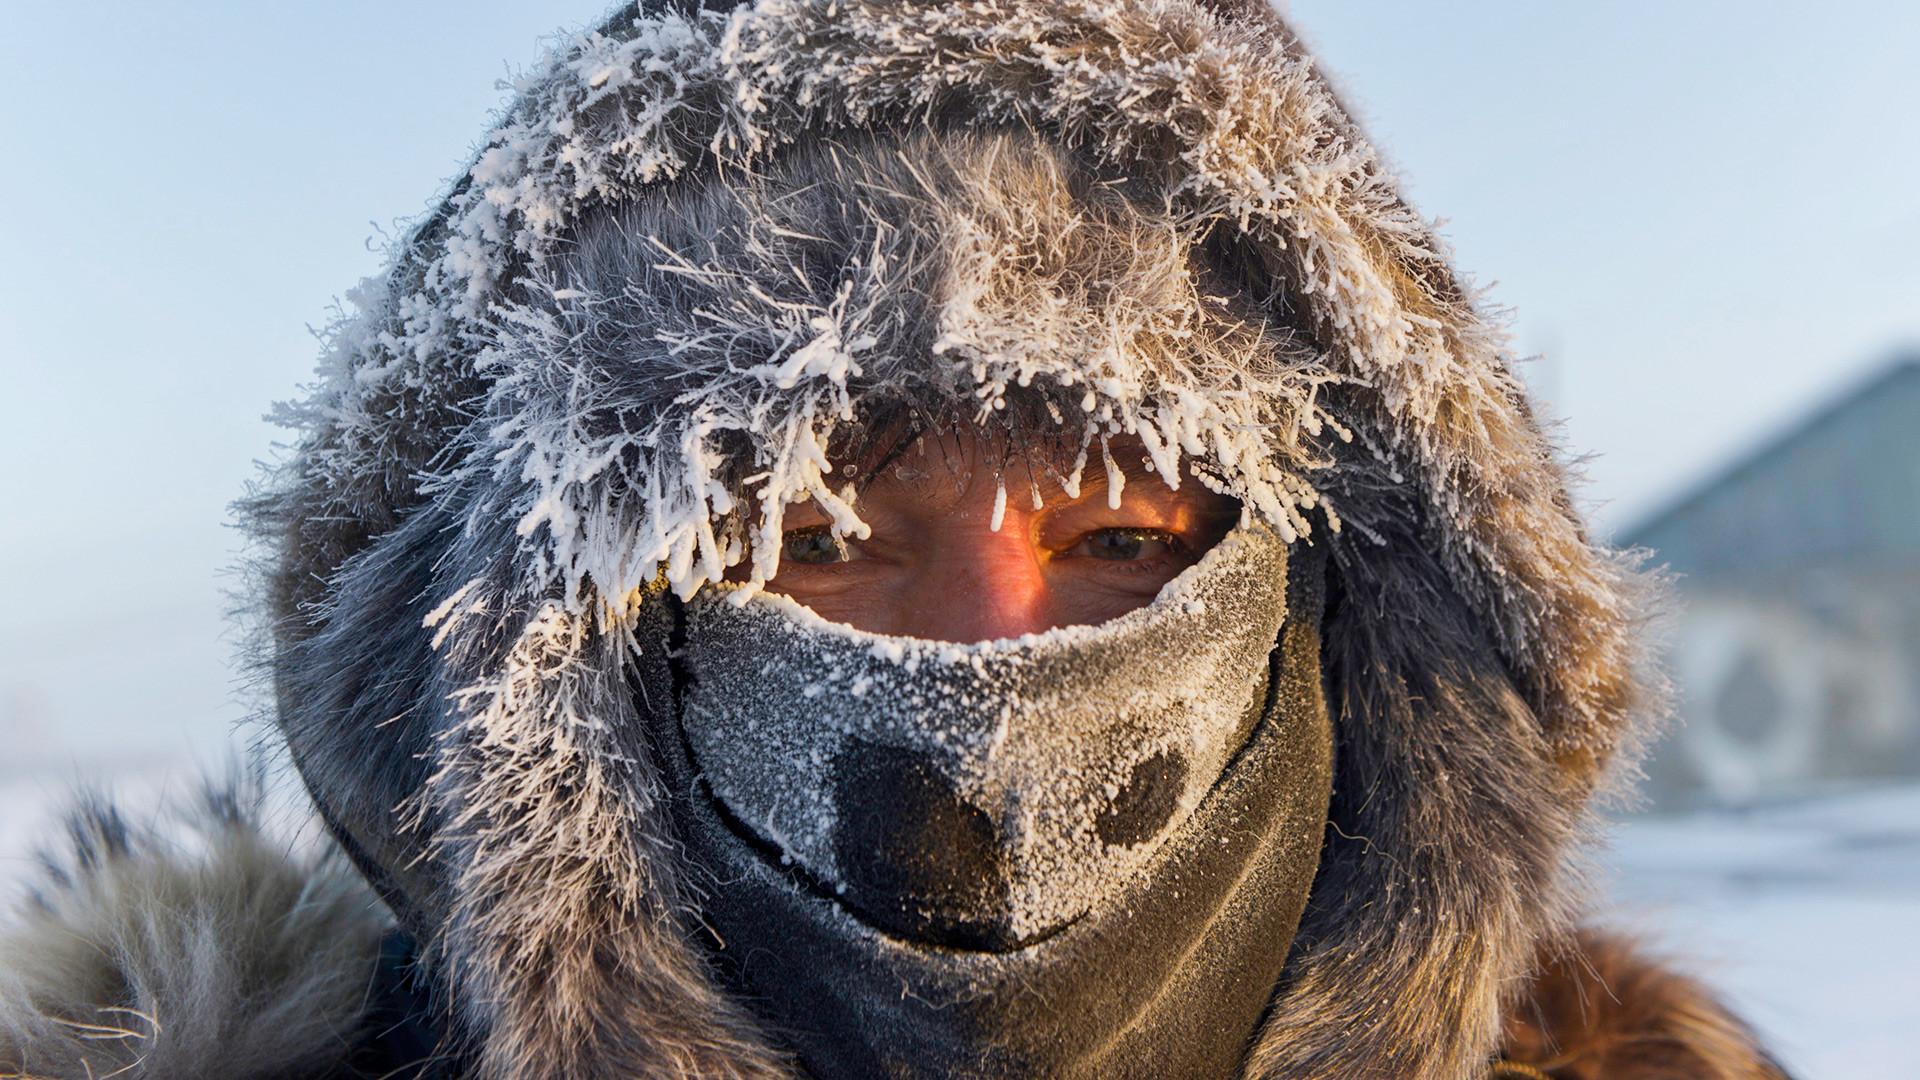 Turist iz Norveške u Jakutiji. Temperatura se spustila na -47 stupnjeva Celzija.